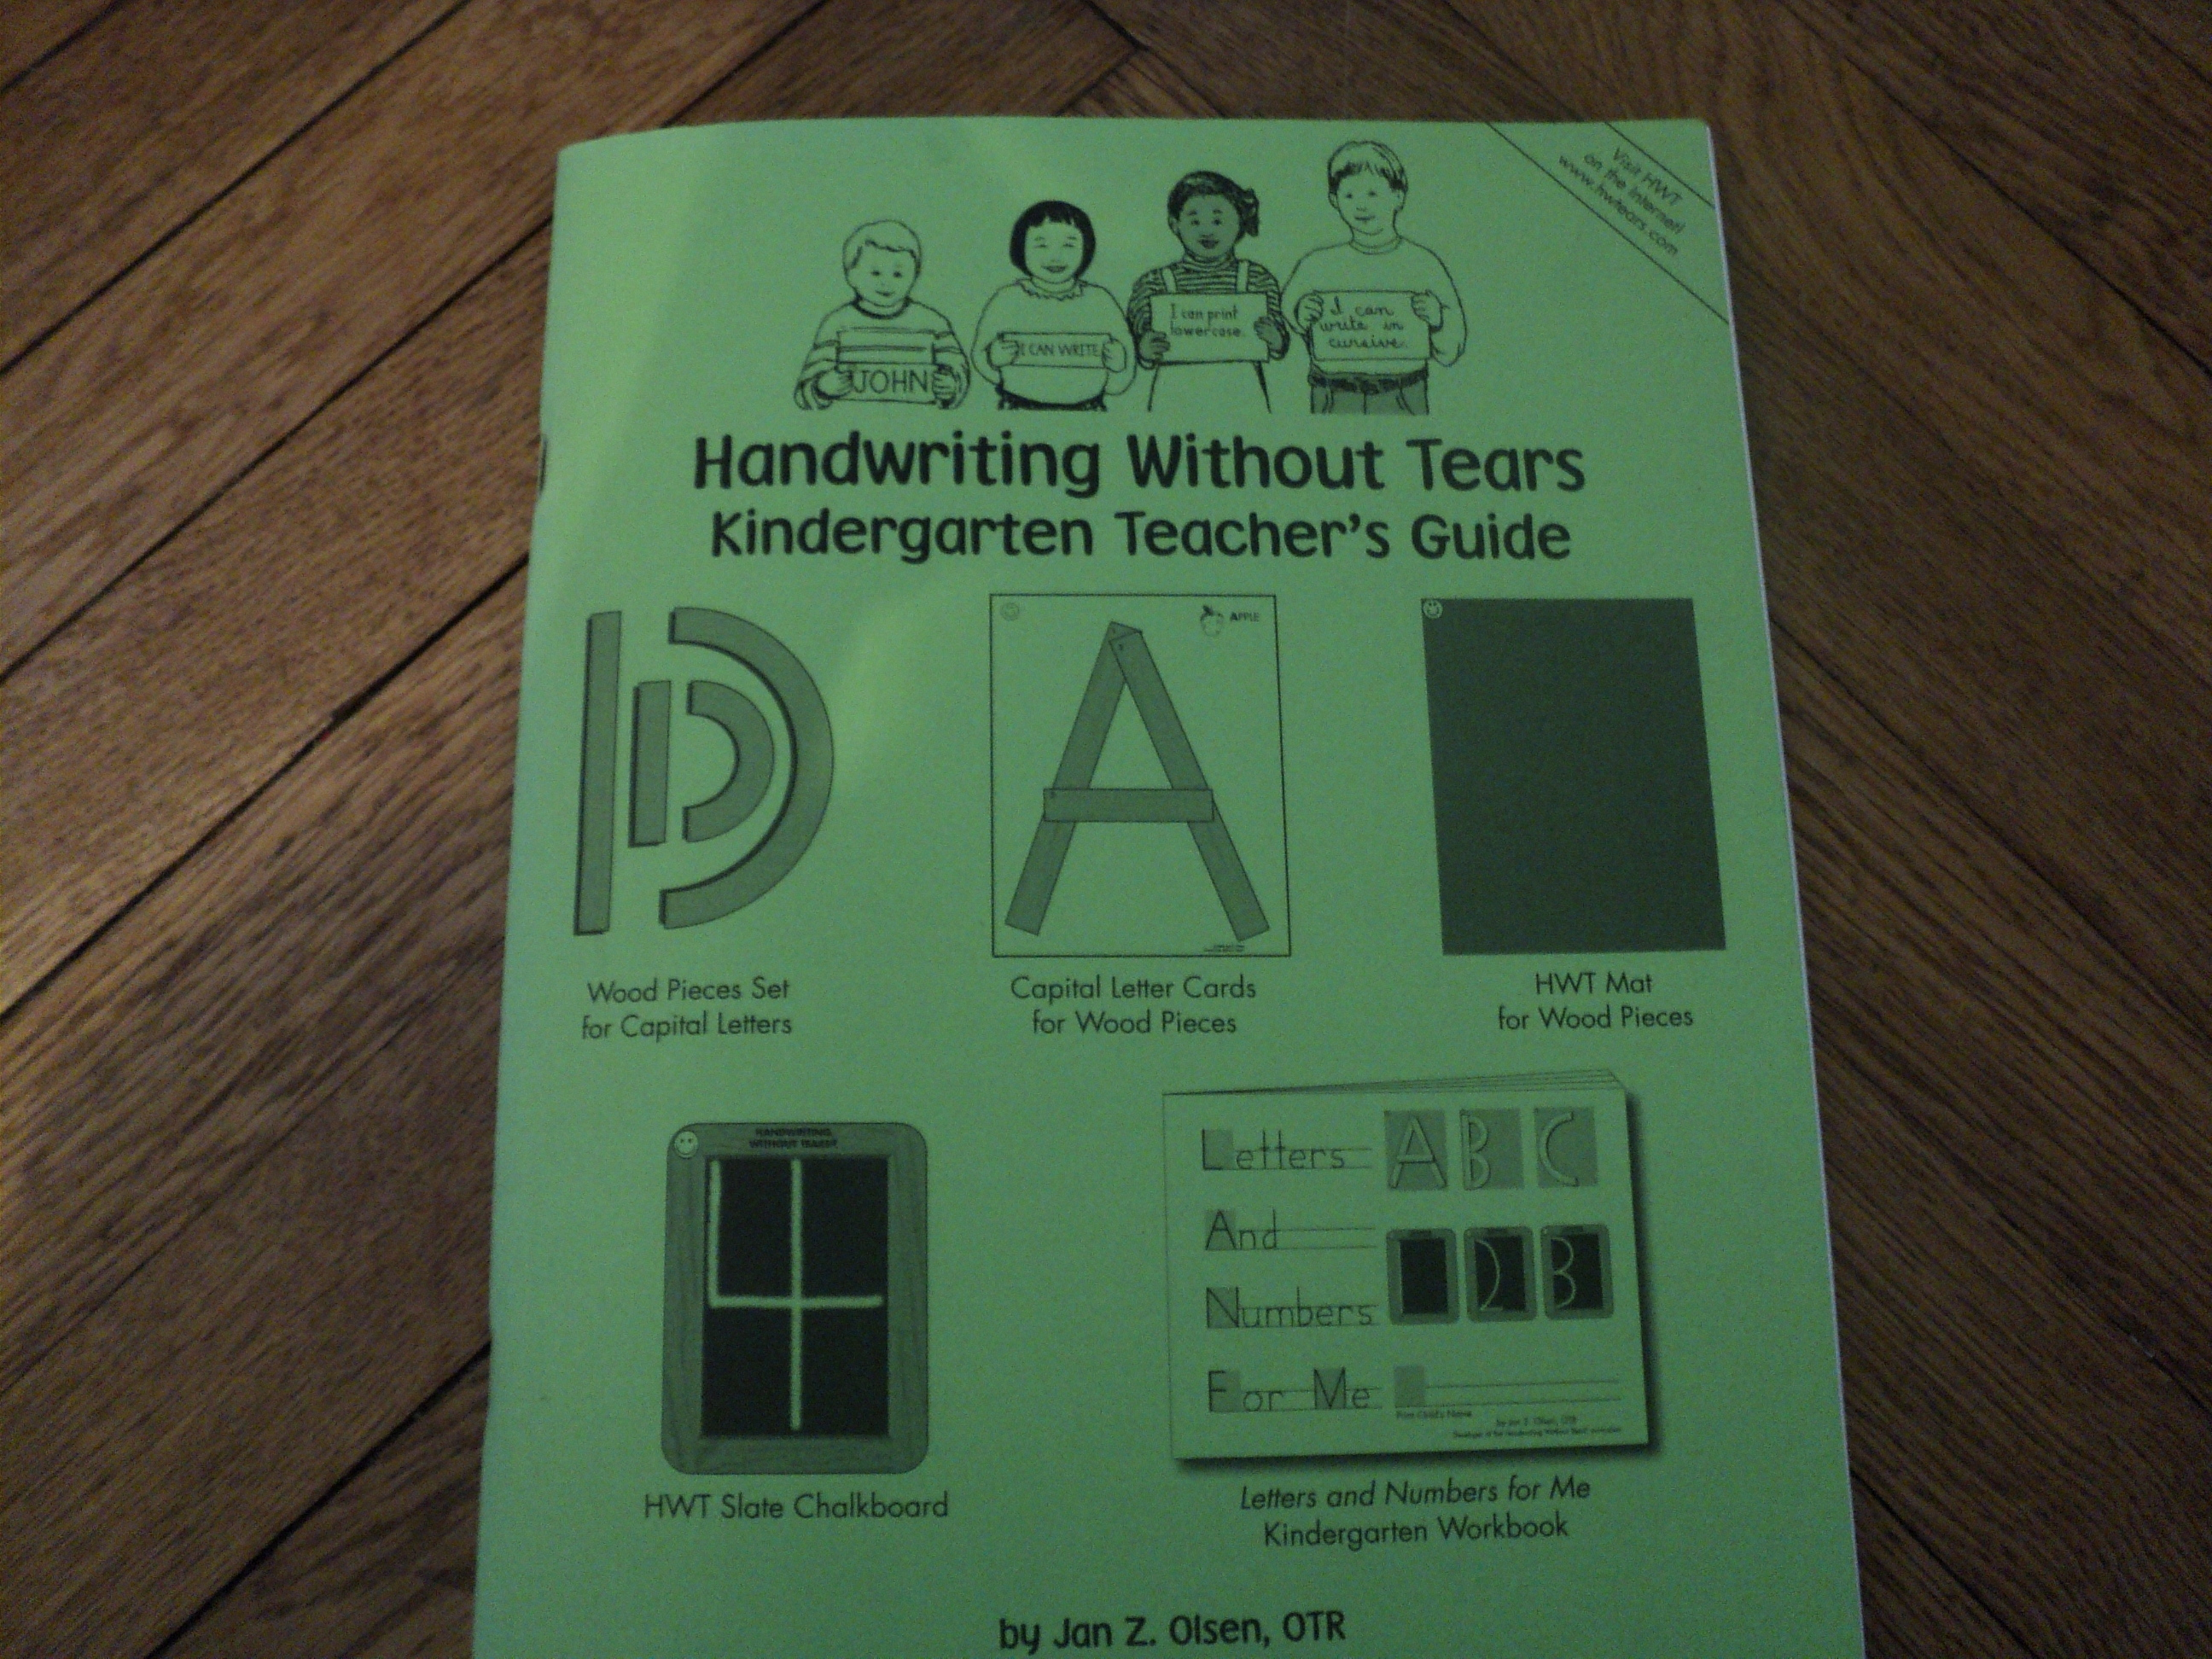 HWT Handwriting Without Tears 3rd Grade Cursive Teacher's Guide 2013 Homeschool